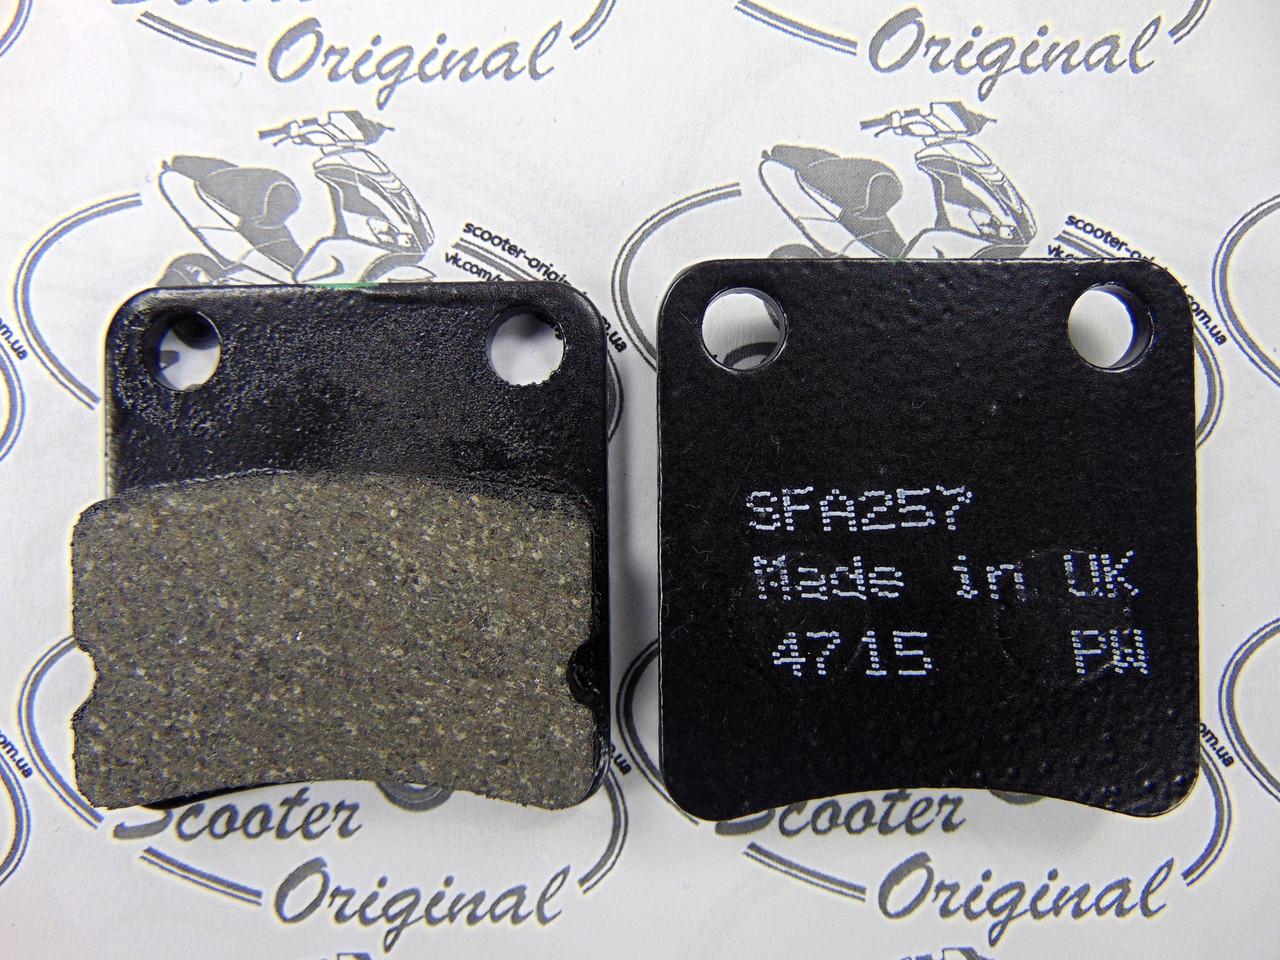 EBC Серия Organic (SFA257) Тормозные колодки Honda Super Dio ZX, CBX, Yupy, TUR/ML, GP, HSC SR, ZR, Sym DD